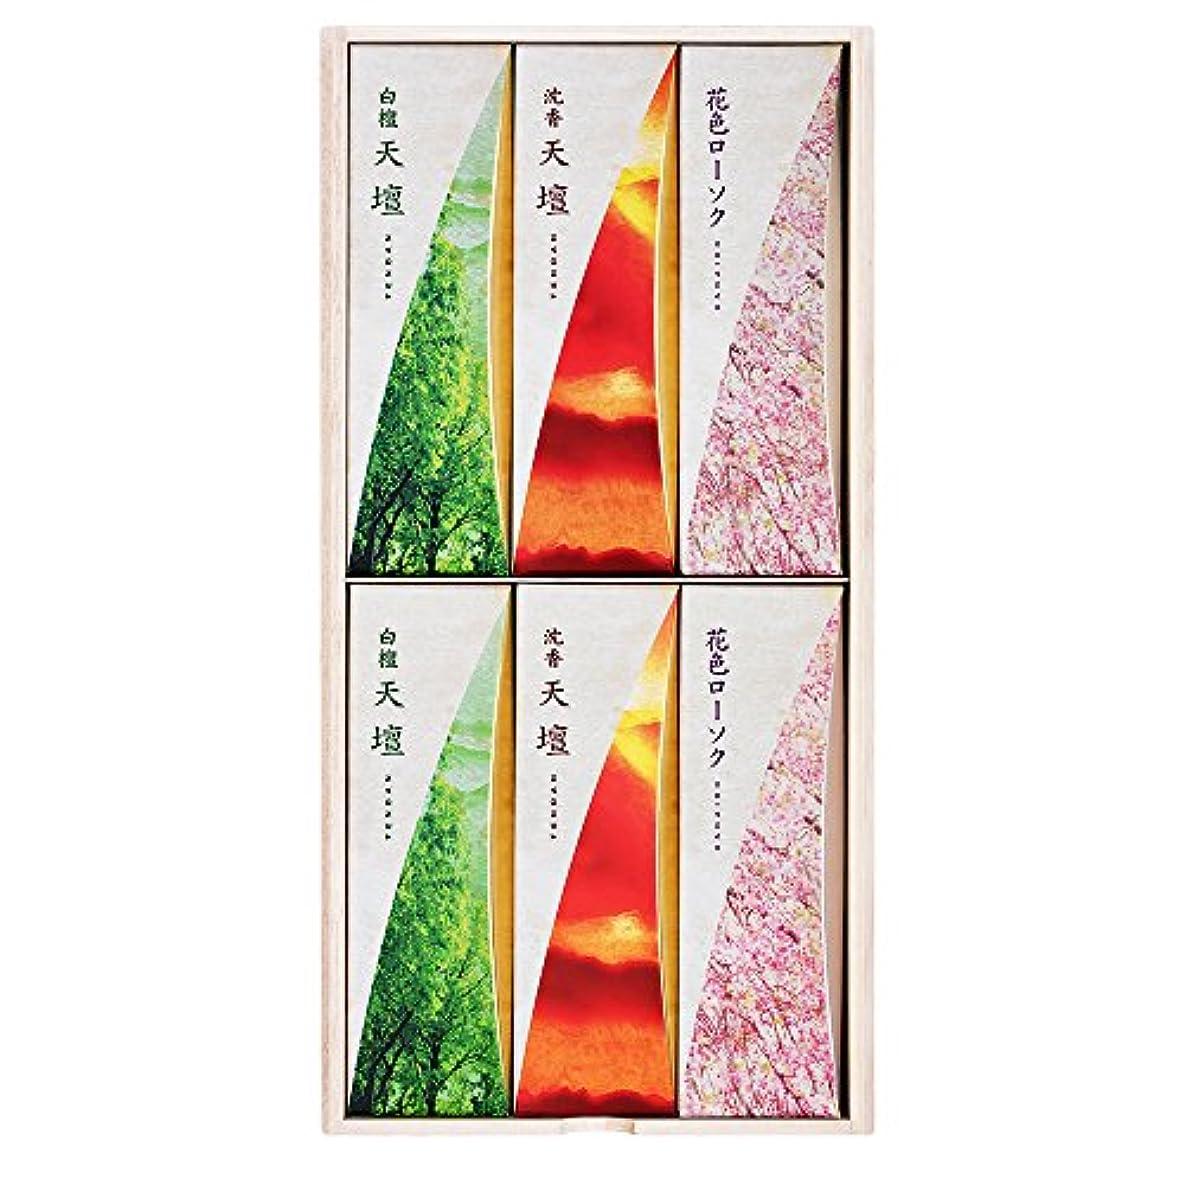 発表酸度動的天壇進物3000 桐箱 包装品 (白檀の香り2箱、沈香の香り2箱、花色ローソク2箱)